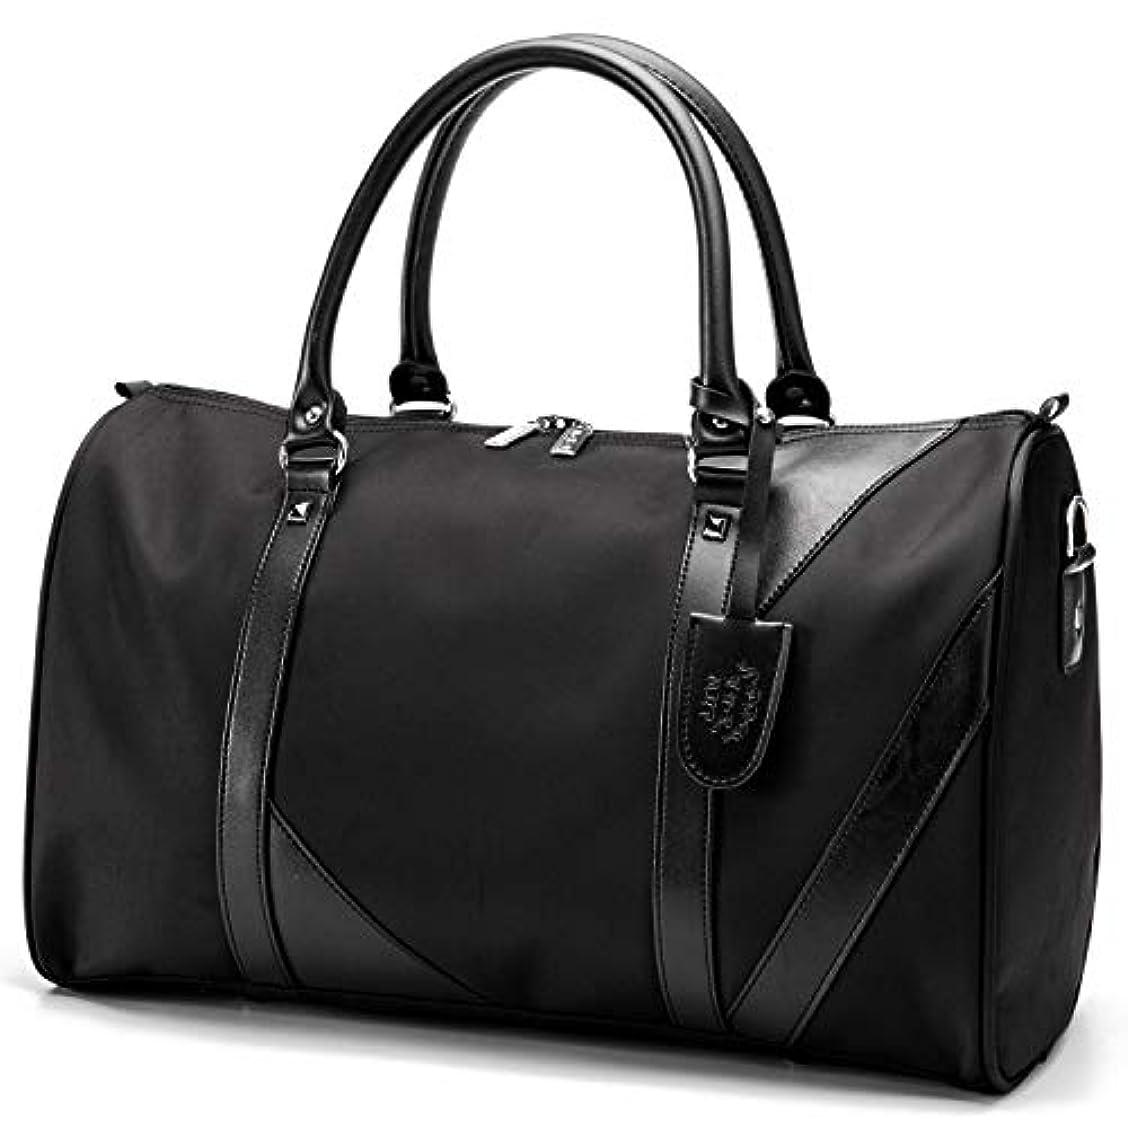 着実にに対して剛性[TcIFE]ボストンバッグ レディース メンズ スポーツダッフルバッグ ガーメントバッグ 大容量 修学 旅行トラベルバッグ シューズ収納バッグ